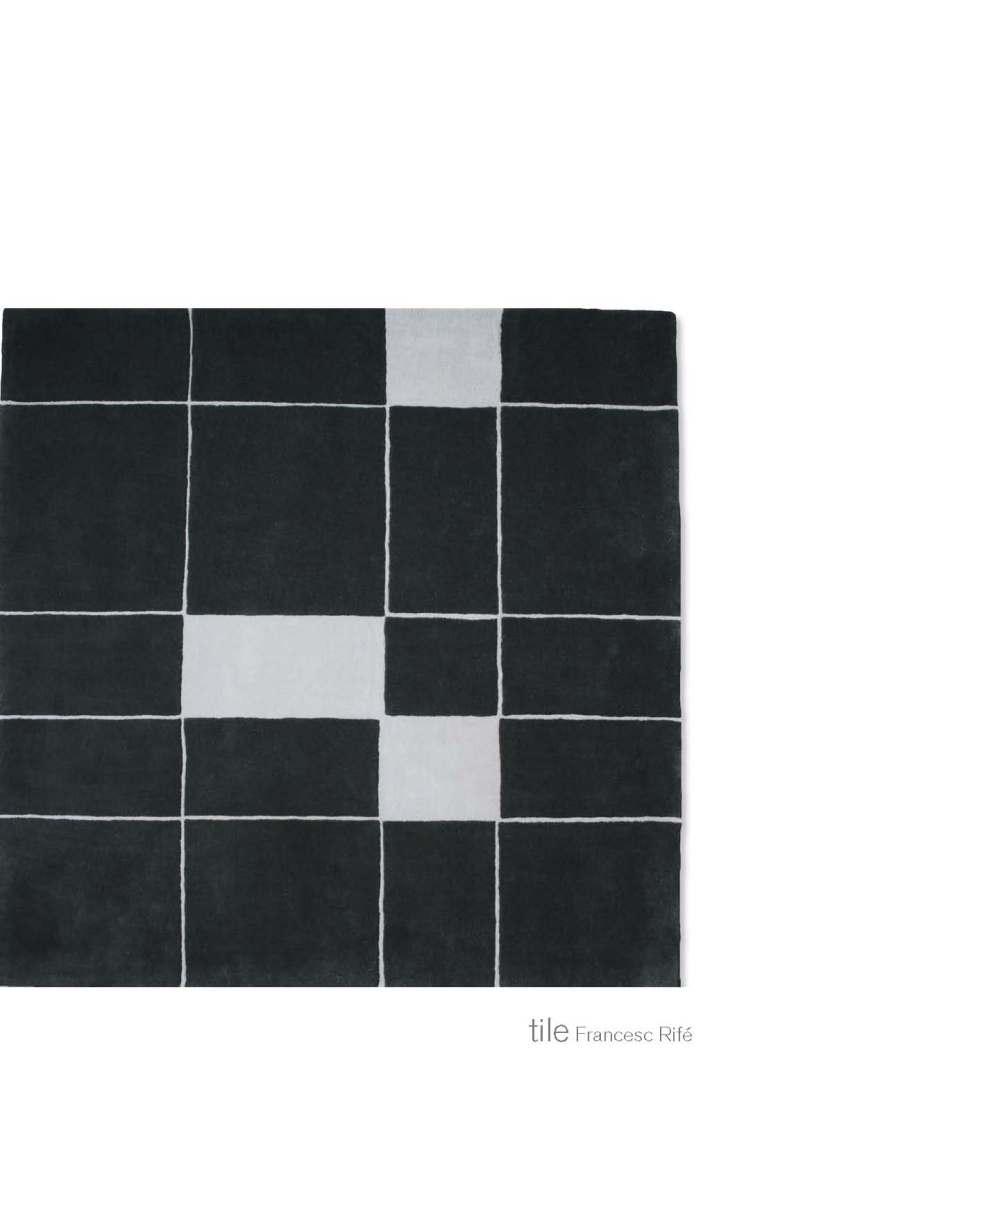 SIDI_Milano09-Rug(邱德光常用品牌地毯)10.21更新_046.jpg